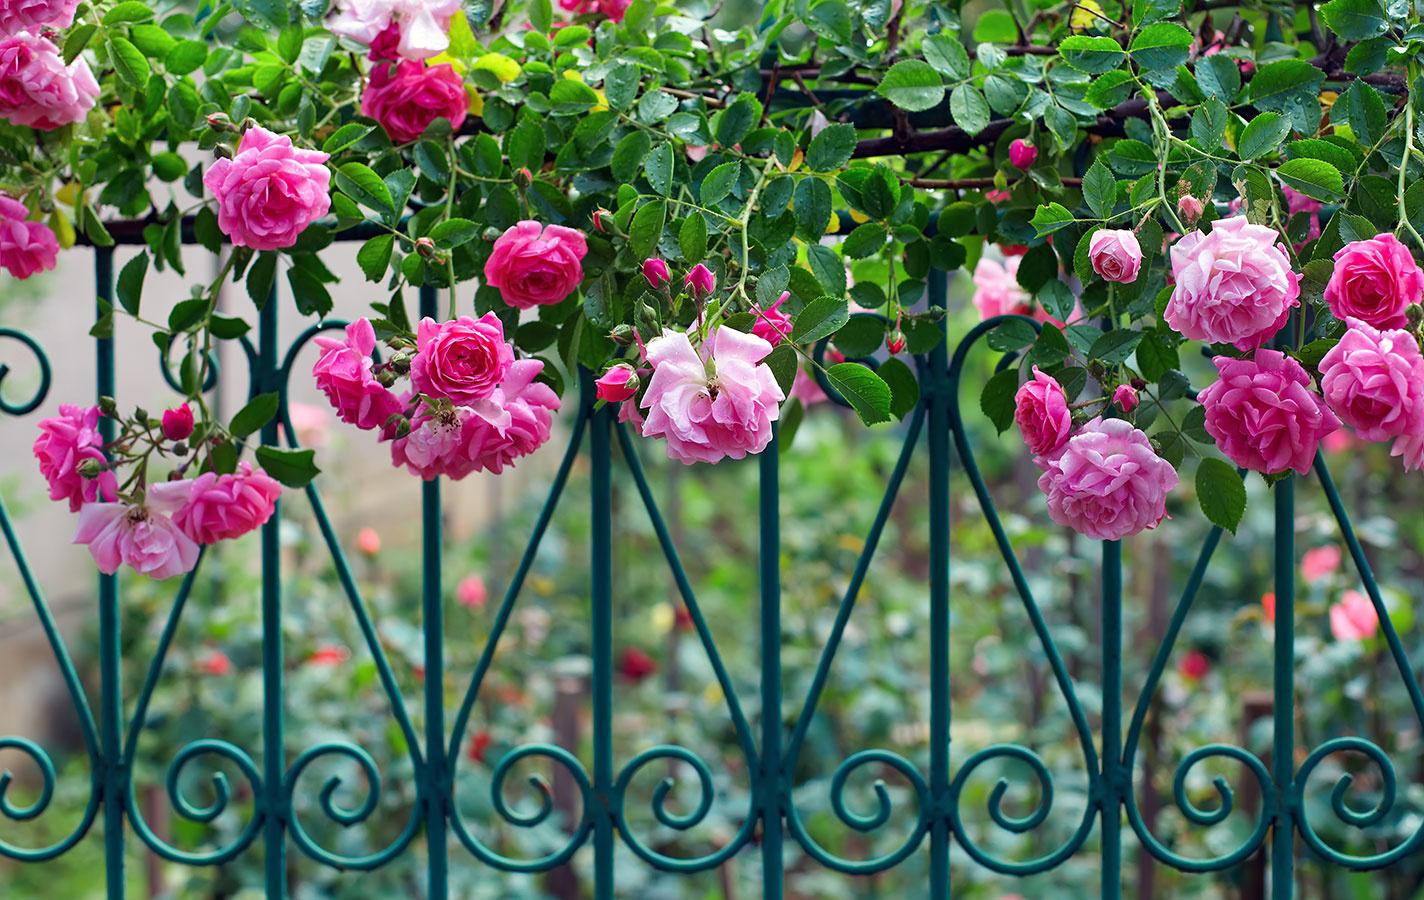 Romanticky pôsobiaci kovový plot poslúži na oddelenie predzáhradky avstupného priestoru do domu od ulice, na klasické ohraničenie záhrady nie je úplne vhodný. Vprípade kovových plotov si dajte pozor na prílišné zdobenie, ktoré môže pôsobiť rušivo až gýčovo.